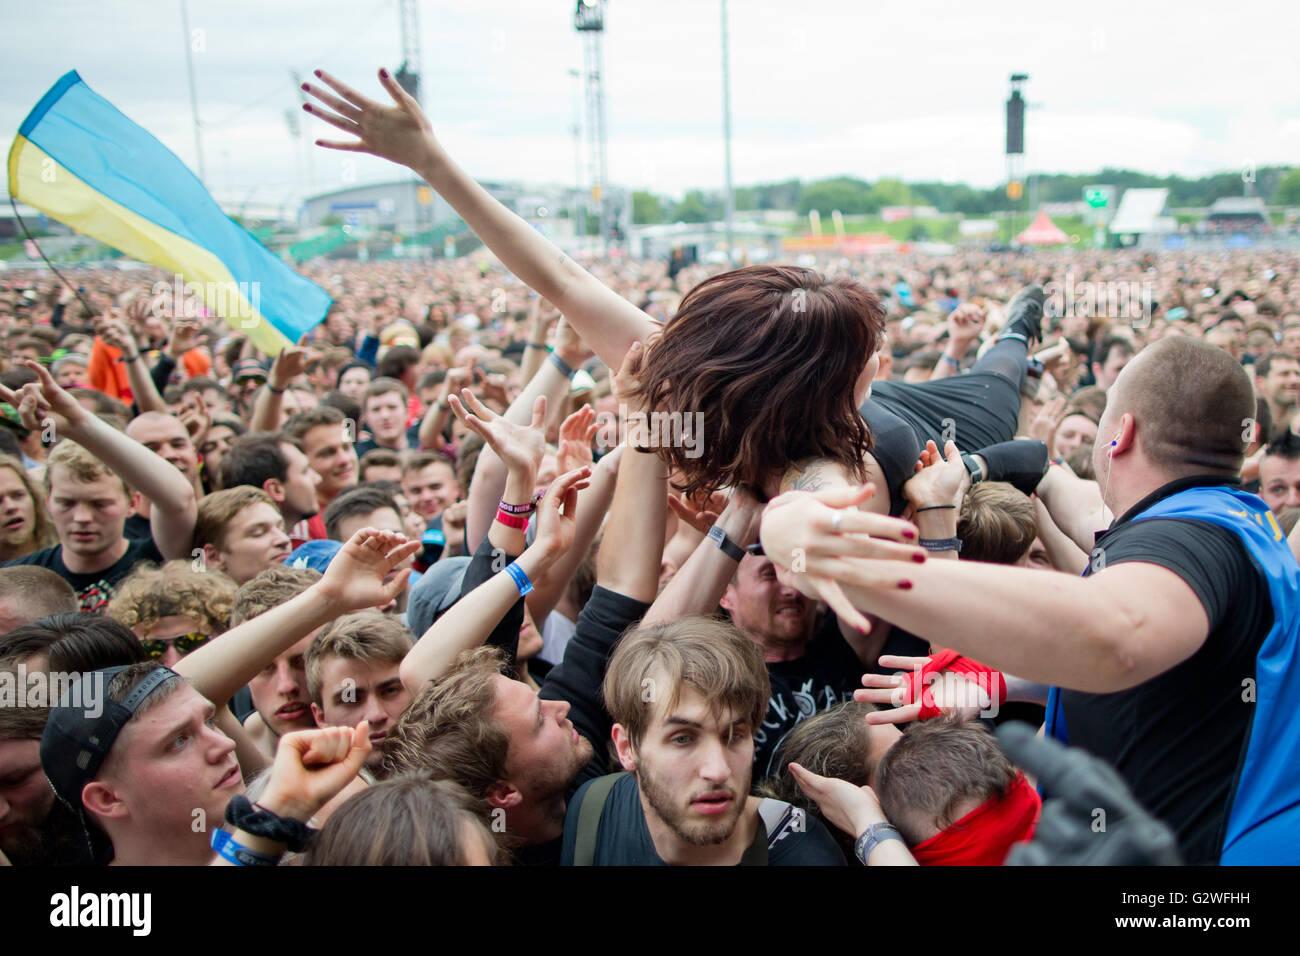 Nürnberg, Deutschland. 3. Juni 2016. Eine Frau Crowdsurfs während eines Konzerts in das Musikfestival Stockbild